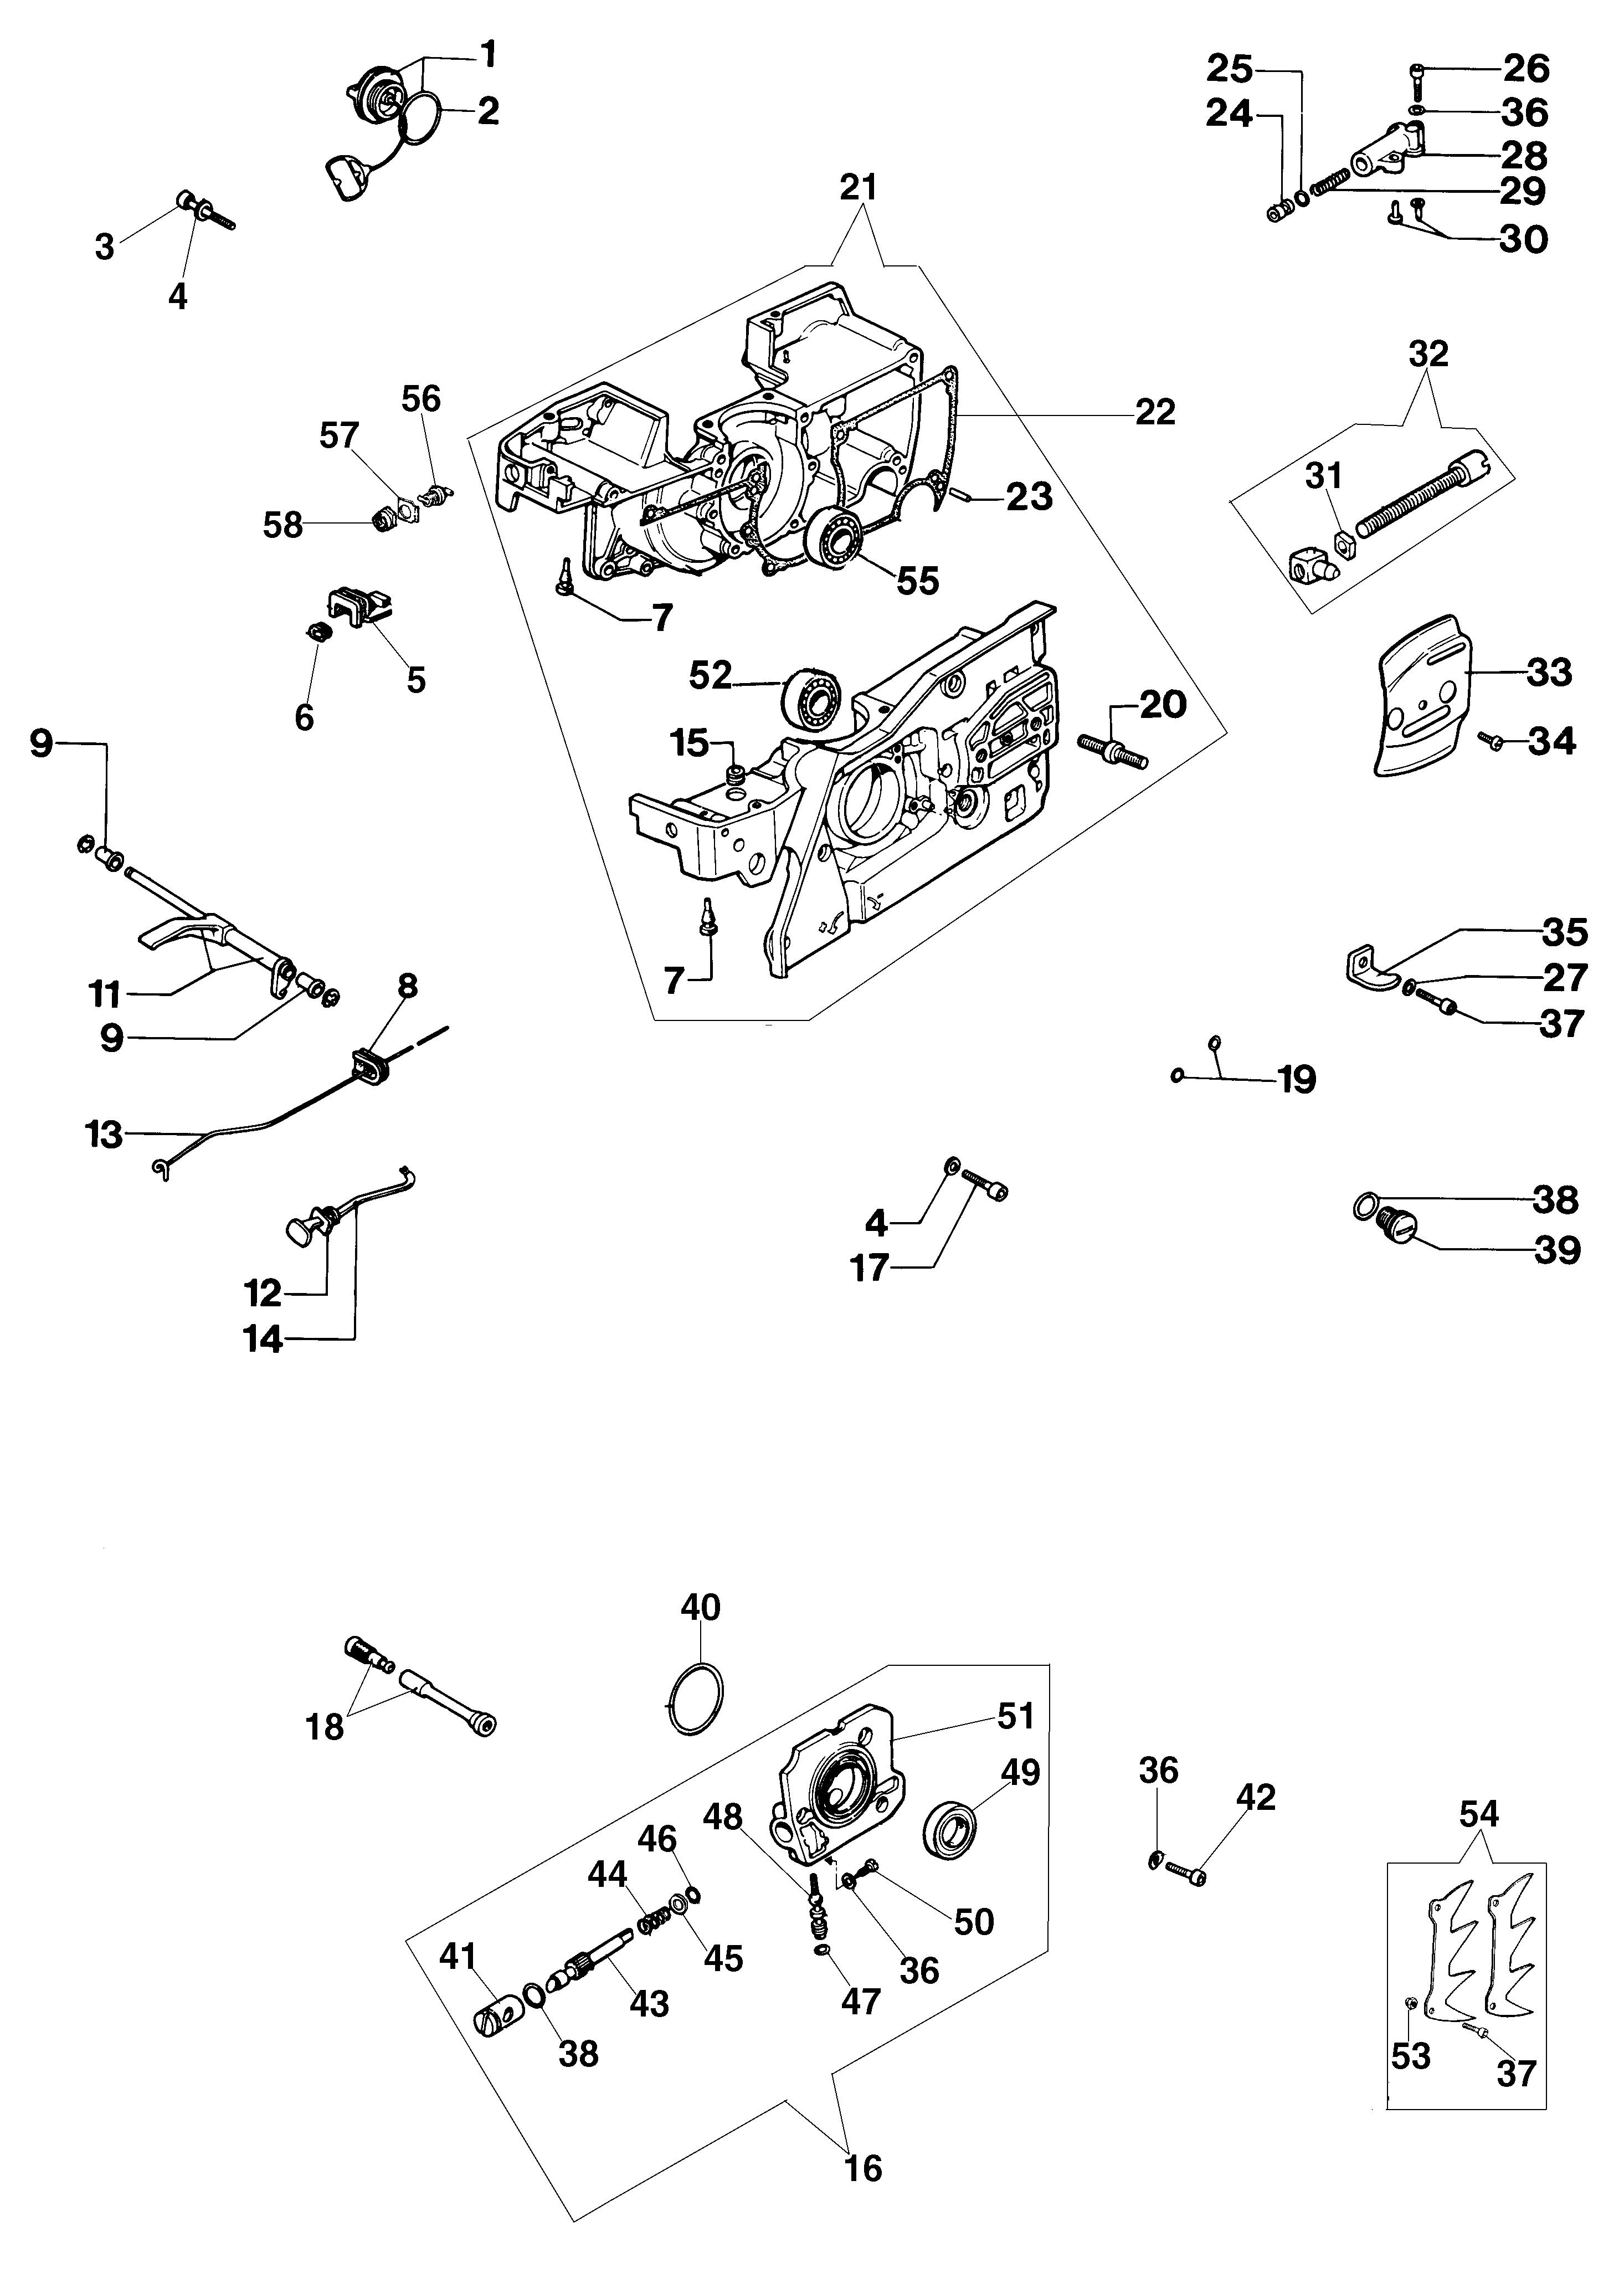 999 F Tronçonneuse oleomac Dessins pièces vue éclatée Carter moteur